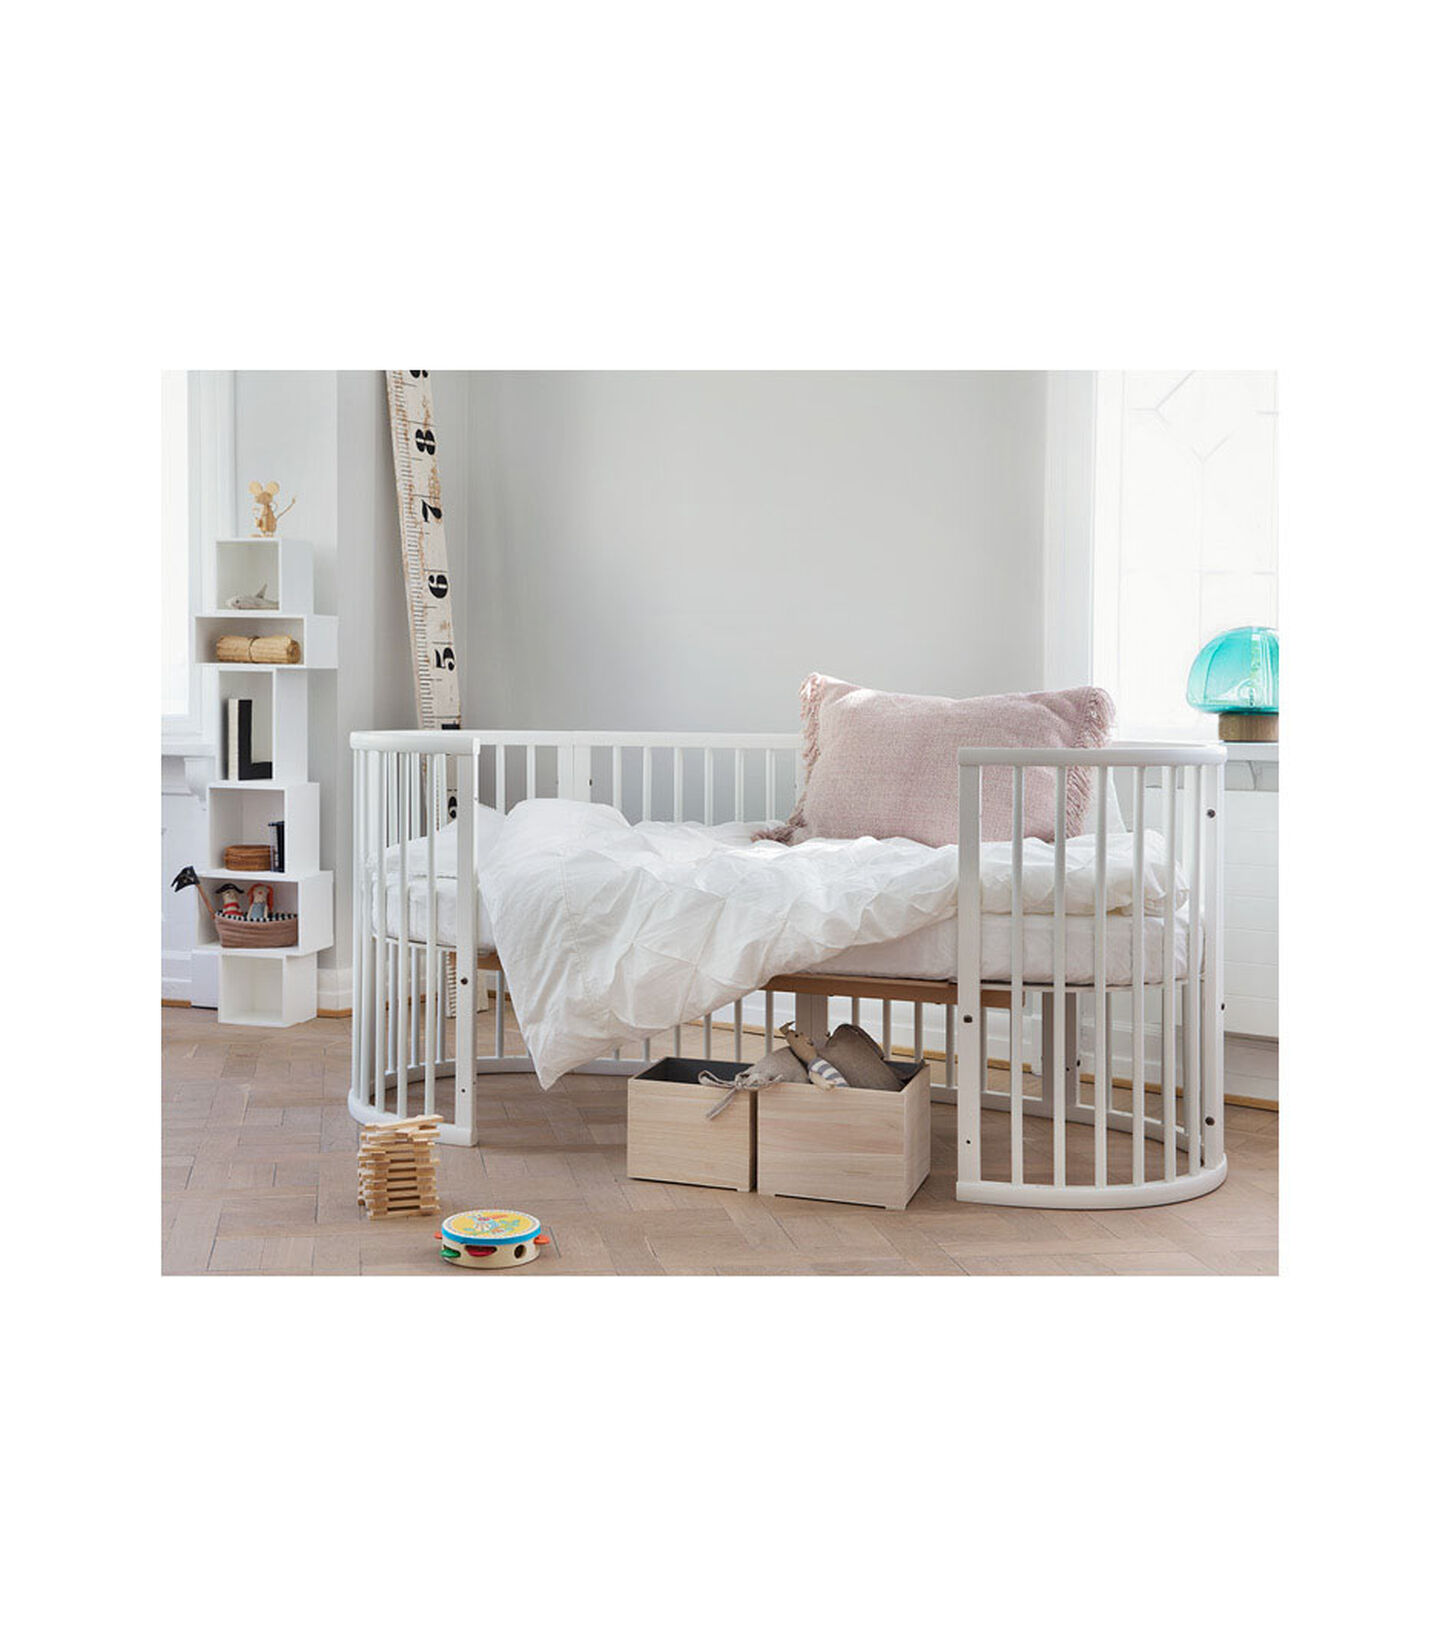 Stokke® Sleepi™ Crib/Bed White, White, mainview view 5